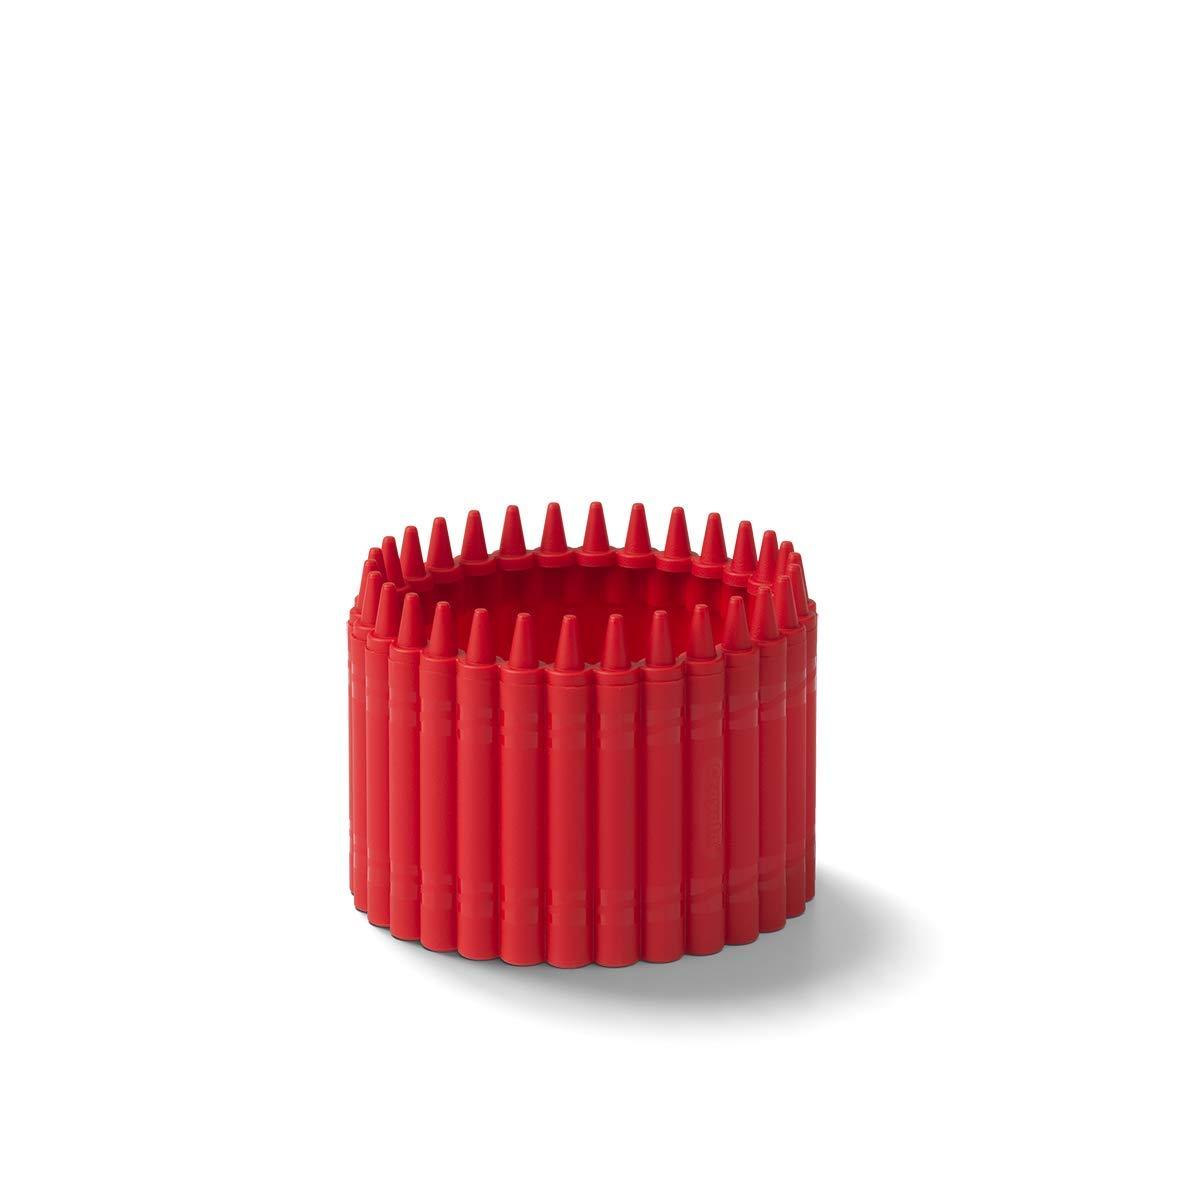 Crayola Crayon Cup Razzmatazz